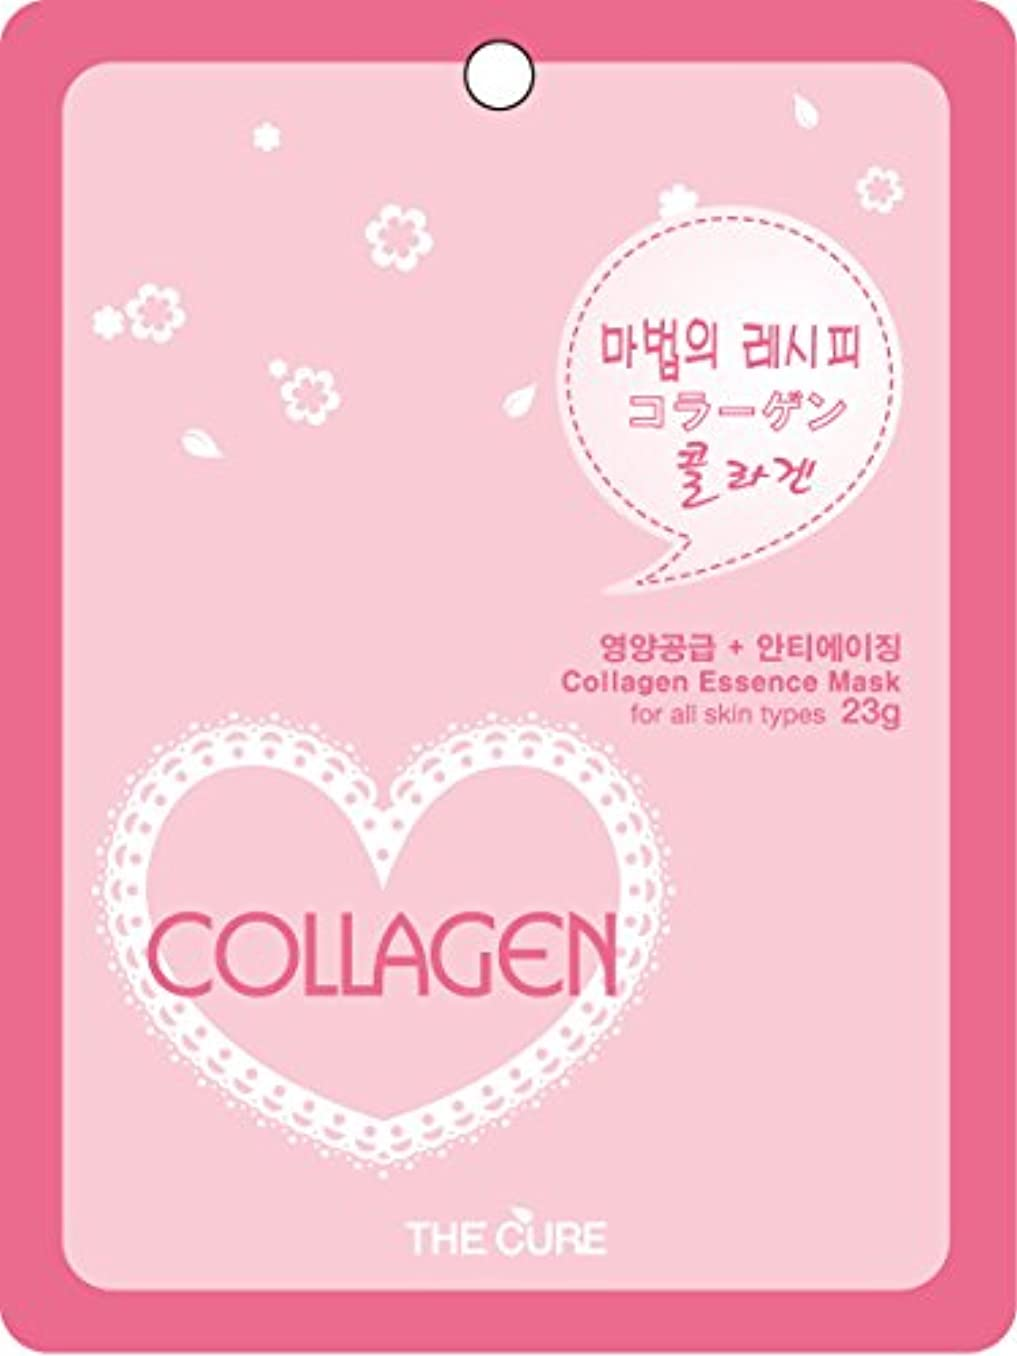 国家事実ラショナルコラーゲン エッセンス マスク THE CURE シート パック 100枚セット 韓国 コスメ 乾燥肌 オイリー肌 混合肌